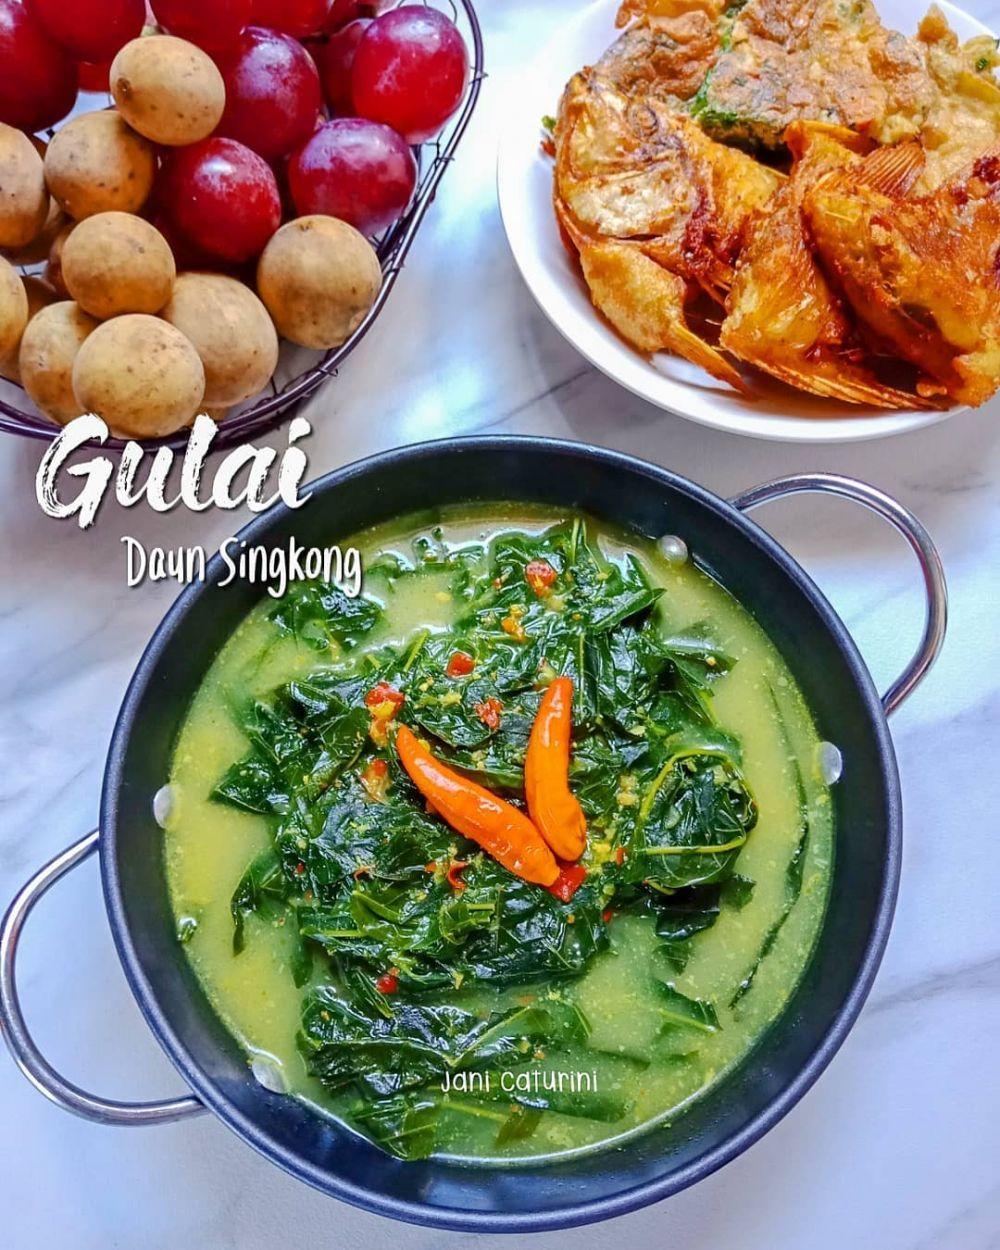 10 Resep Kreasi Tumis Sayur Pokcoy Enak Dan Menyehatkan 12 Resep Olahan Bihun Istimewa Enak Praktis Dan Mudah Dibuat 30 Re Resep Masakan Vegetarian Sayuran